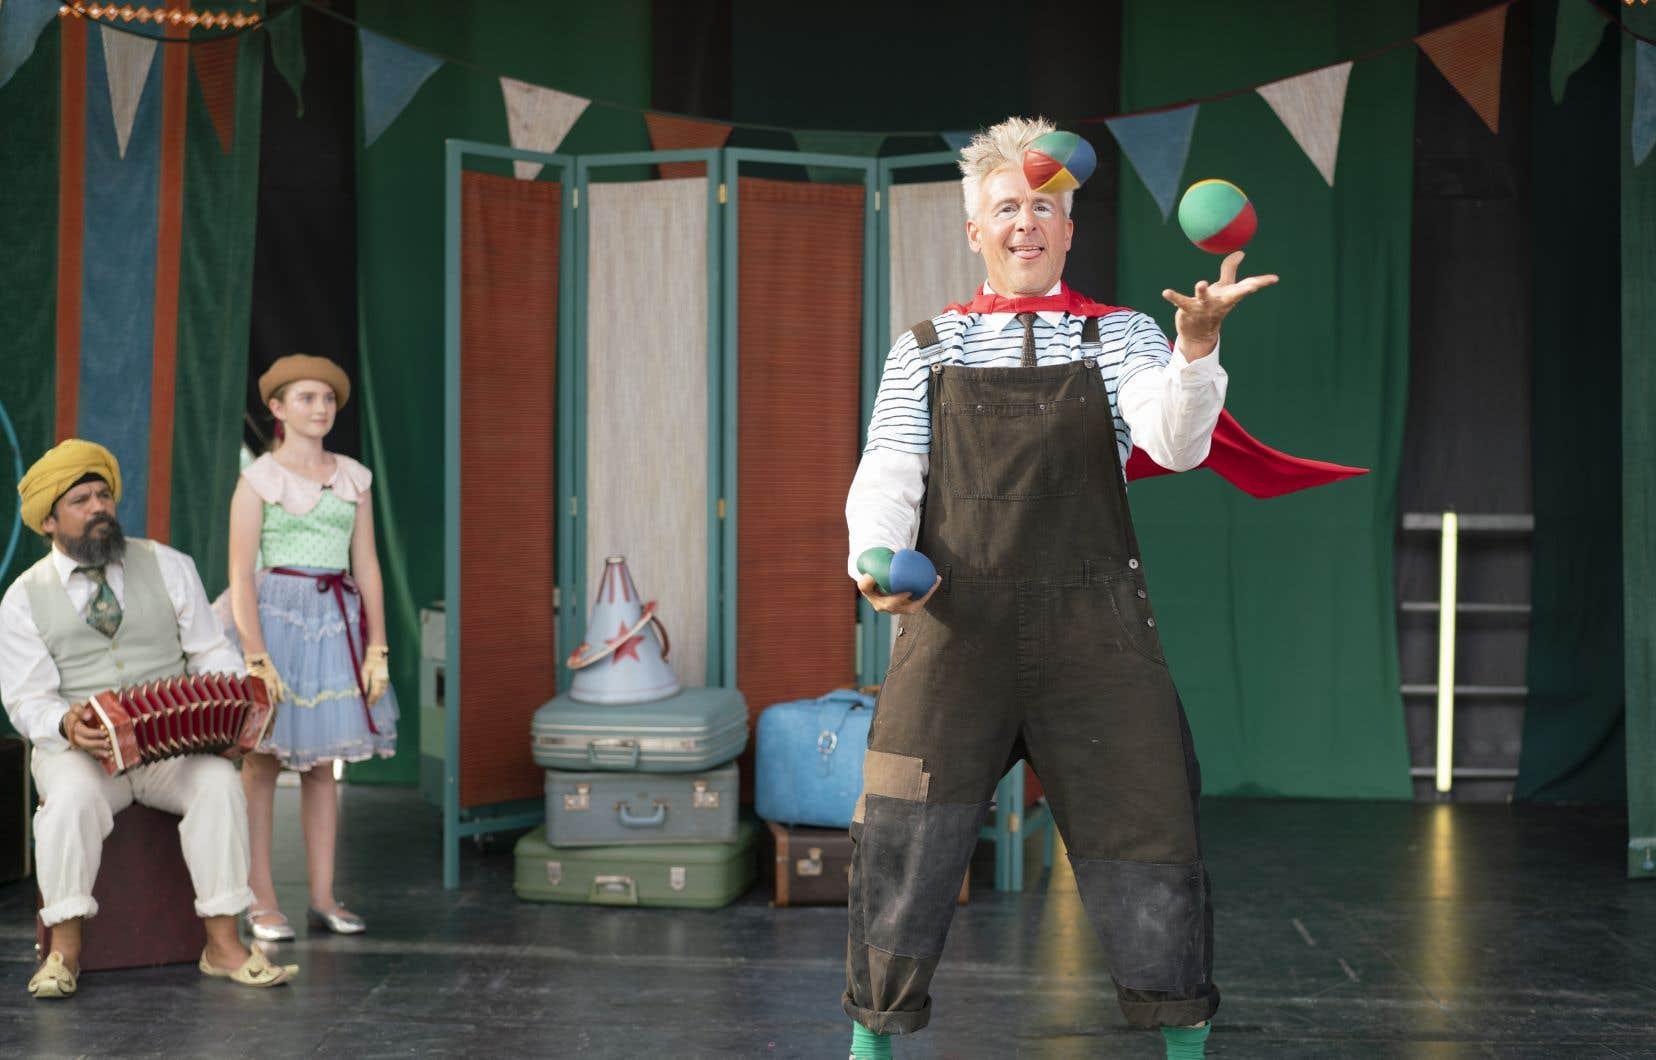 De Miryam Bouchard, «Mon cirque à moi», avec Patrick Huard, Jasmine Lemée et Robin Aubert, est une première œuvre charmante dont les rayons de magie, de douceur et d'espoir transpercent les nuages pour faire naître les sourires et réchauffer les cœurs.